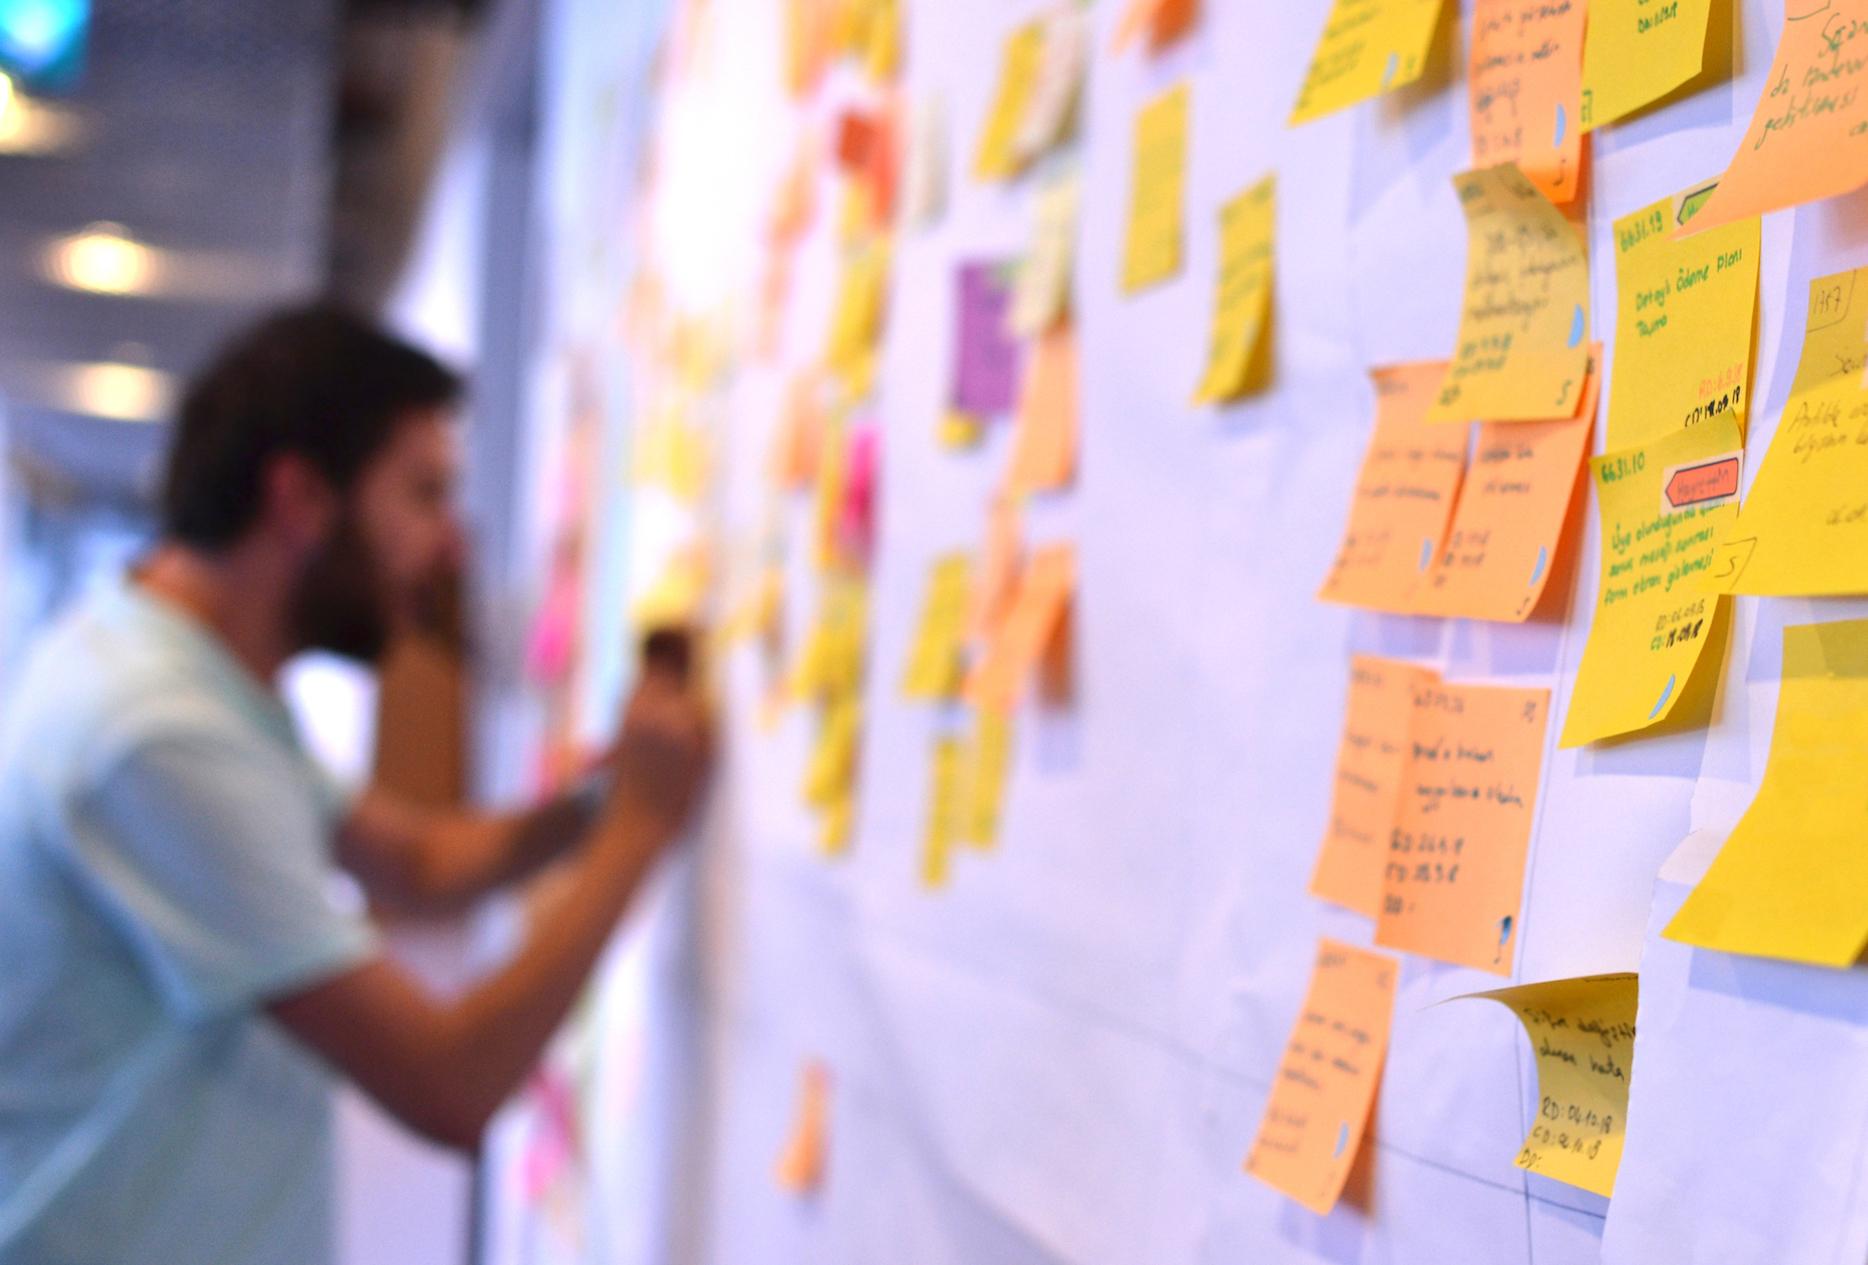 Cómo aplicar metodologías Agile a tus proyectos digitales